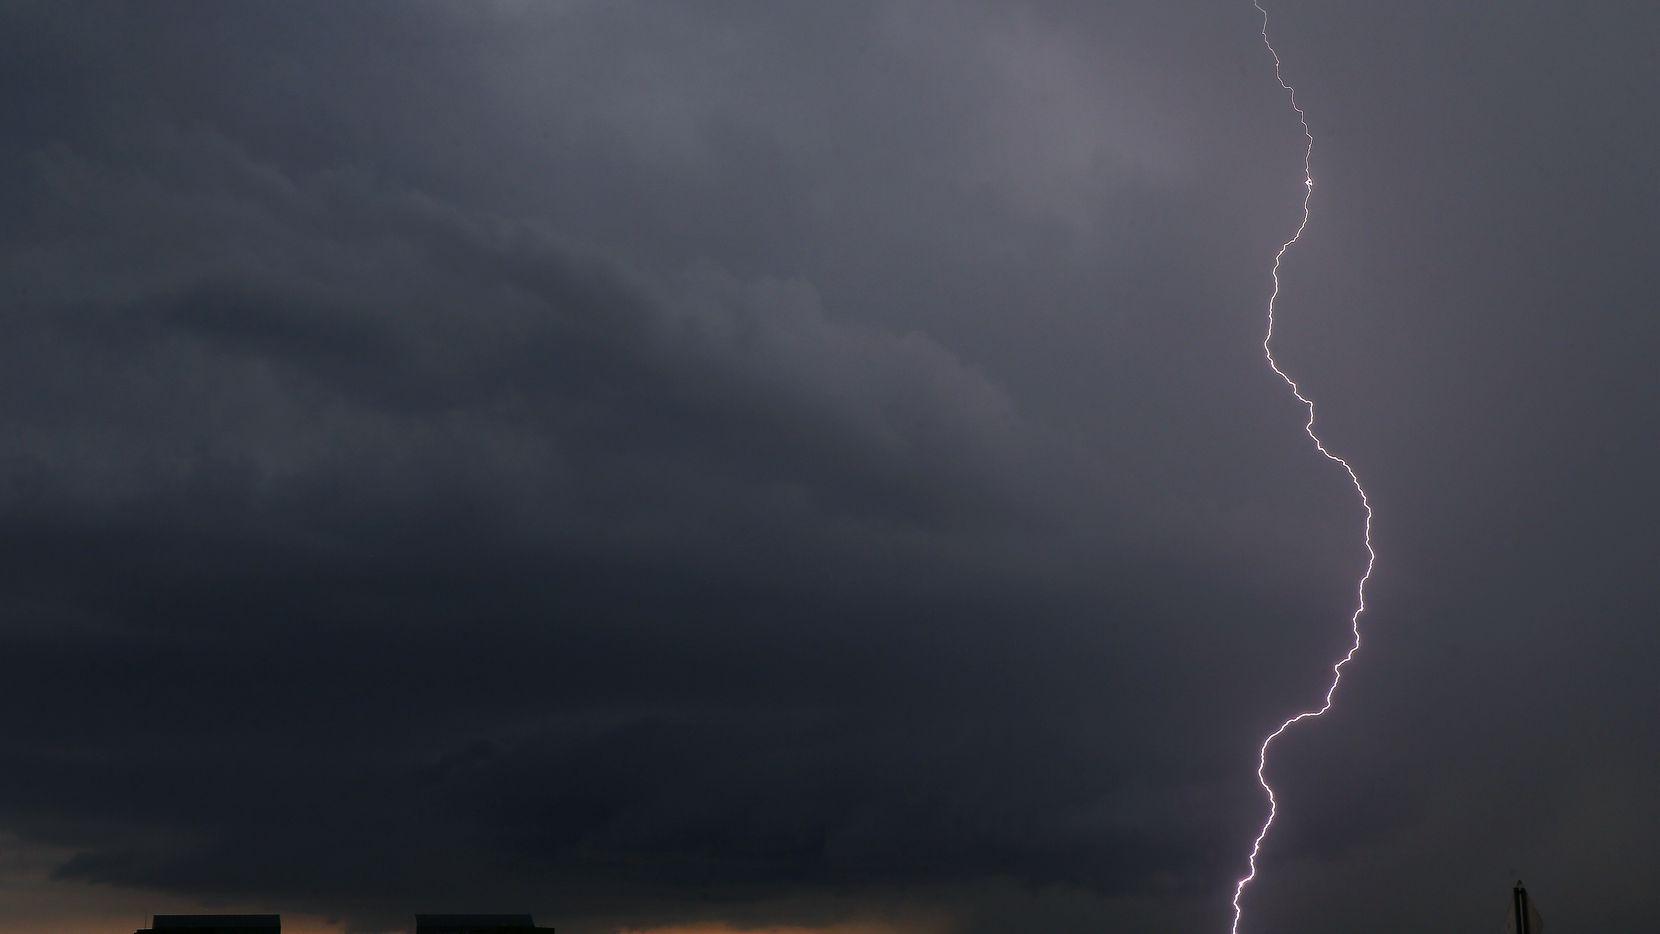 Dallas-Fort Worth under tornado watch Wednesday evening